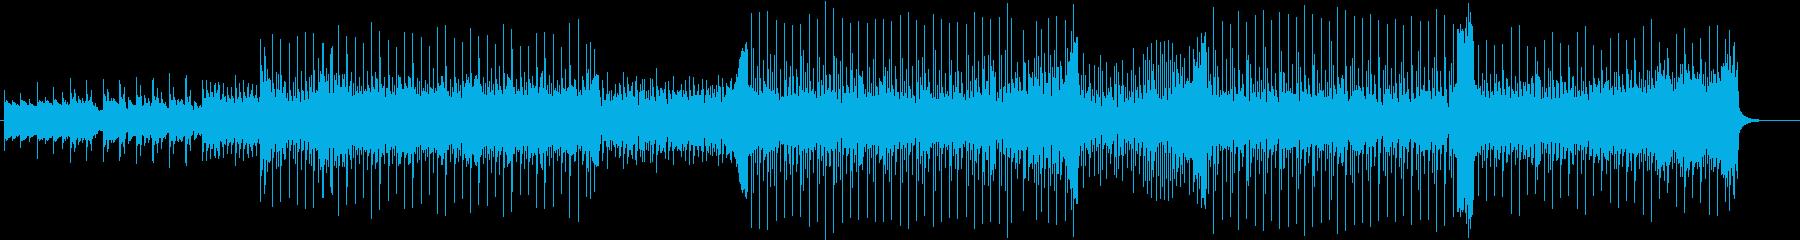 ピアノテクノポップ。の再生済みの波形